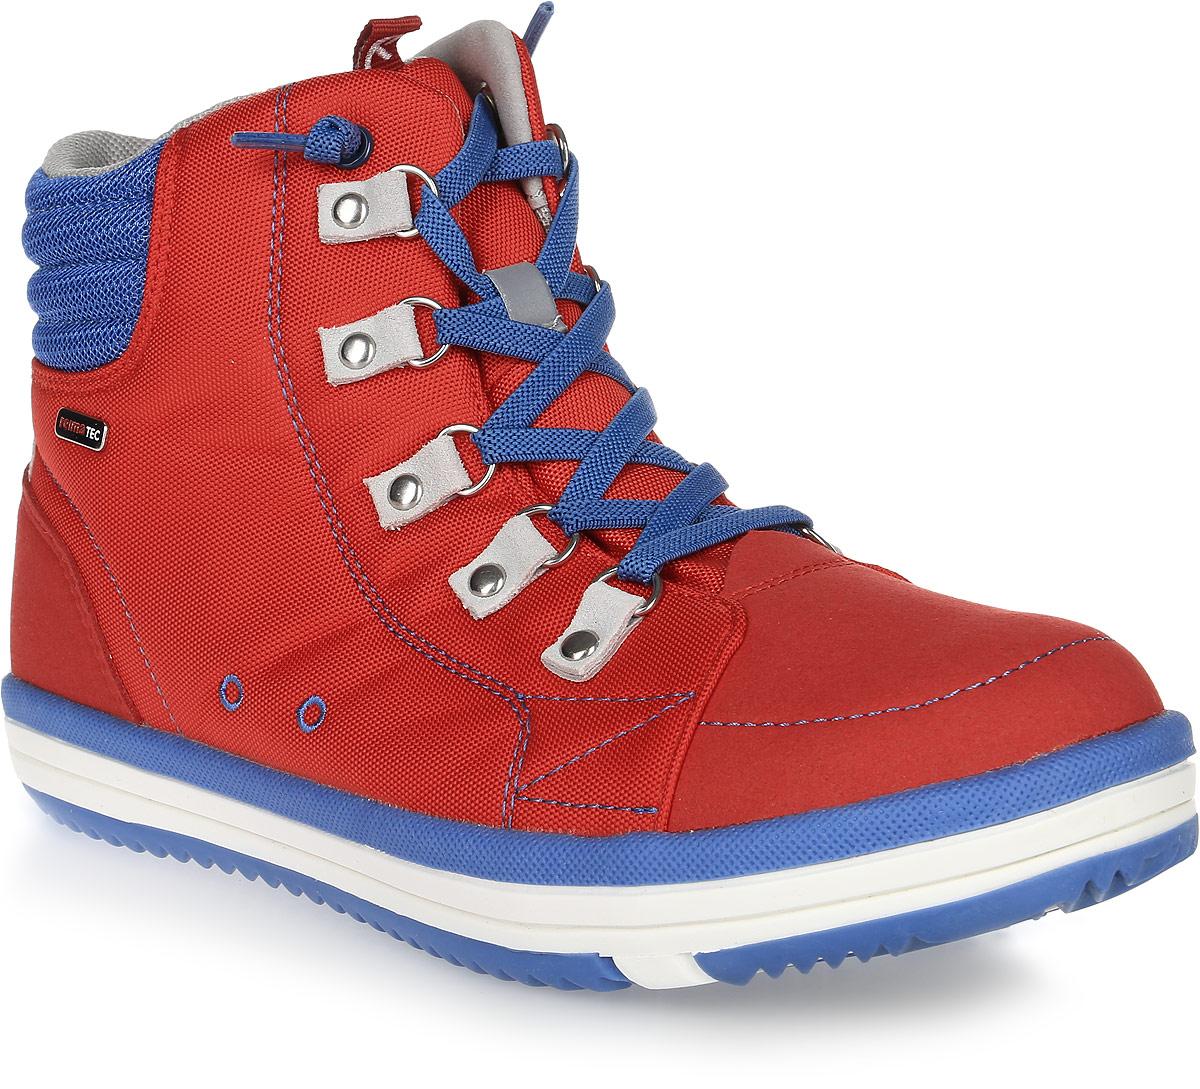 Ботинки детские Reima Wetter Wash, цвет: красный. 5693033720. Размер 385693033720Водонепроницаемые ботинки Reimatec снабжены водонепроницаемой вставкой с запаянными швами и текстильной подкладкой. Верх сделан из износостойкого нейлона, а носок и задник усилены микрофиброй. Благодаря эластичным шнуркам, надевать боинки Wetter быстро и легко. Обувь снабжена уникальными съемными стельками Reima с принтом Happy Fit, которые помогают правильно определить размер. На подошве также нанесены линии, которые показывают фактический размер модели. Светоотражающие детали и новые жизнерадостные цвета отлично сочетаются с верхней одеждой и аксессуарами Reima. Ботинки пригодны для машинной стирки при 30°C.